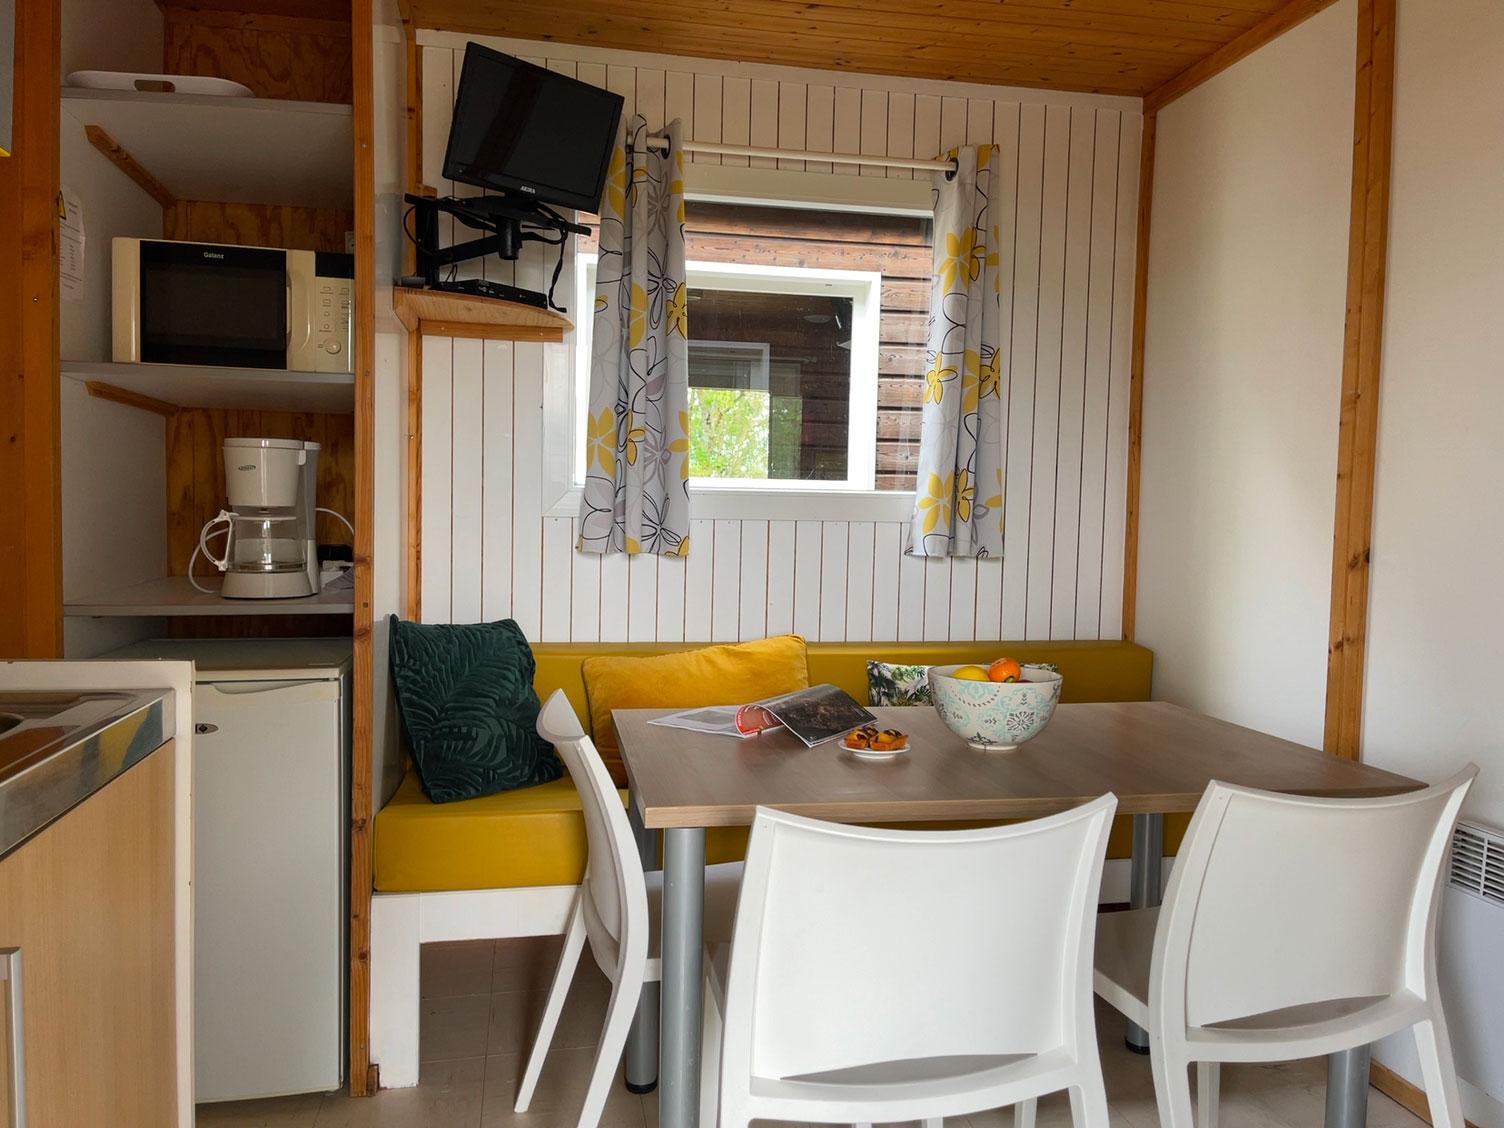 location-chalet-camping-5-personnes-interieur-le-port-de-moricq